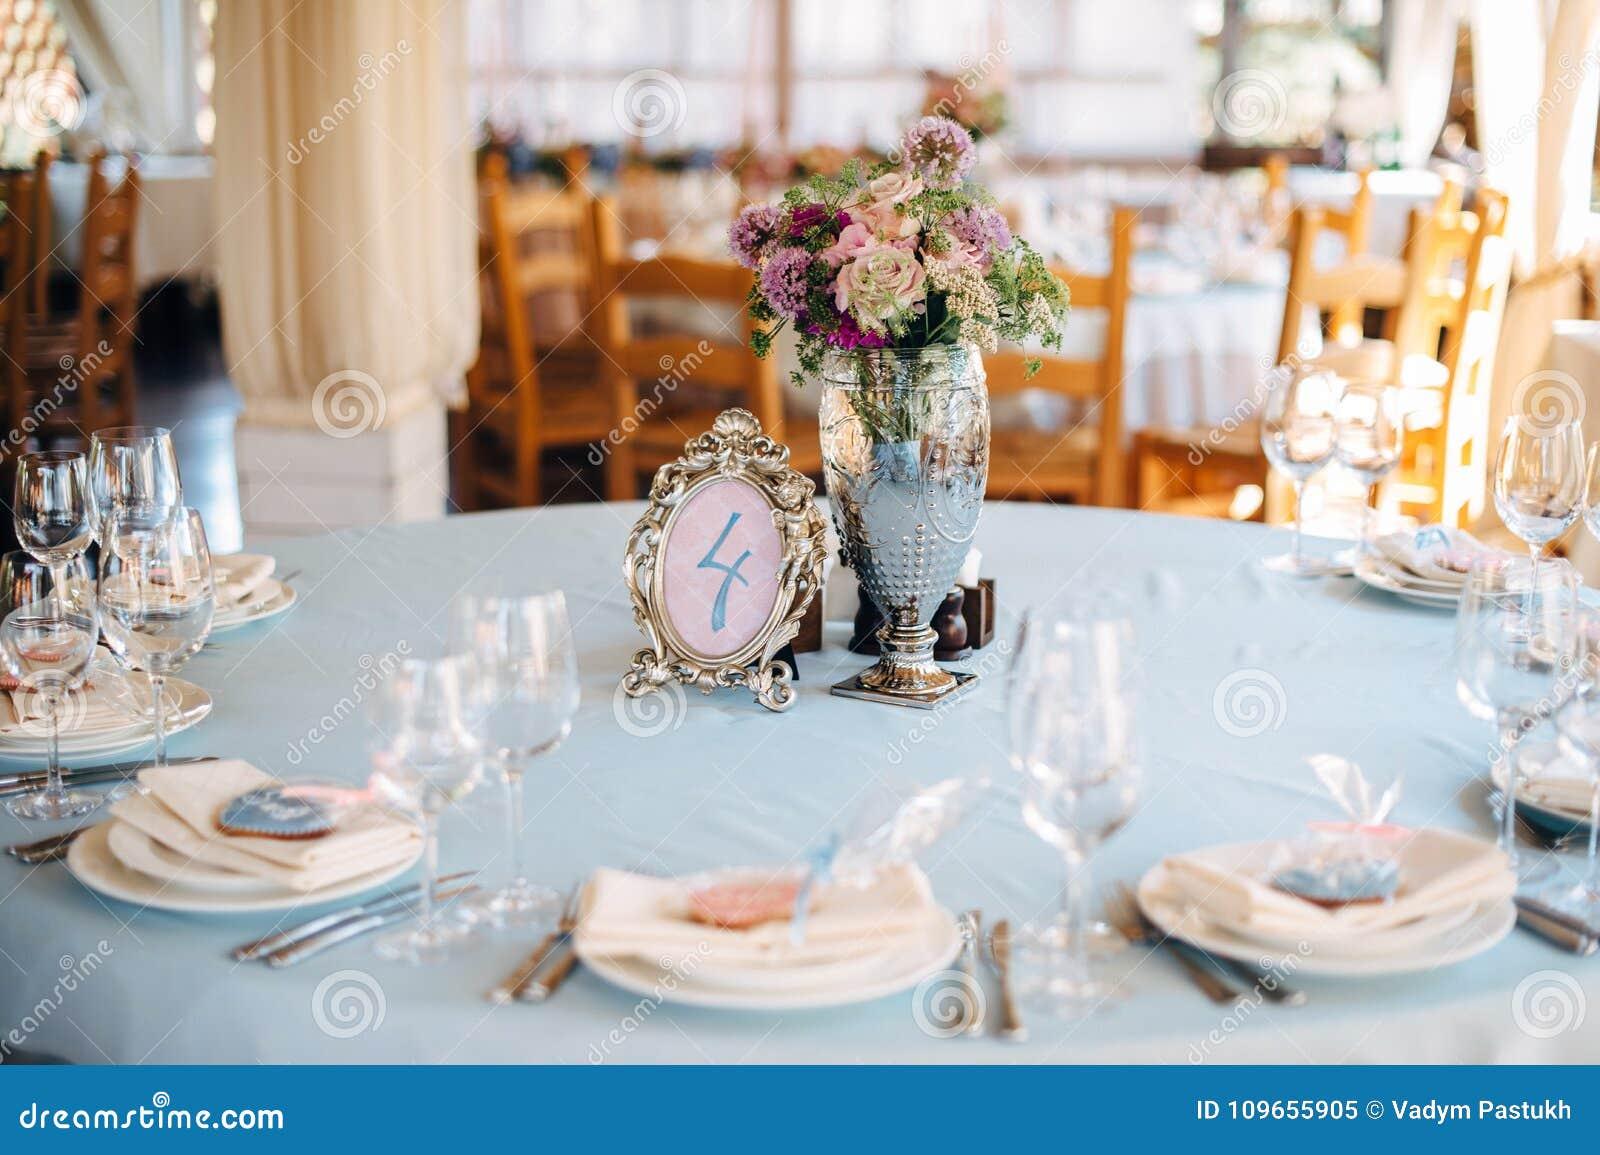 Couleur Avec Bleu Ciel tables décorées dans la couleur bleu ciel avec le vase